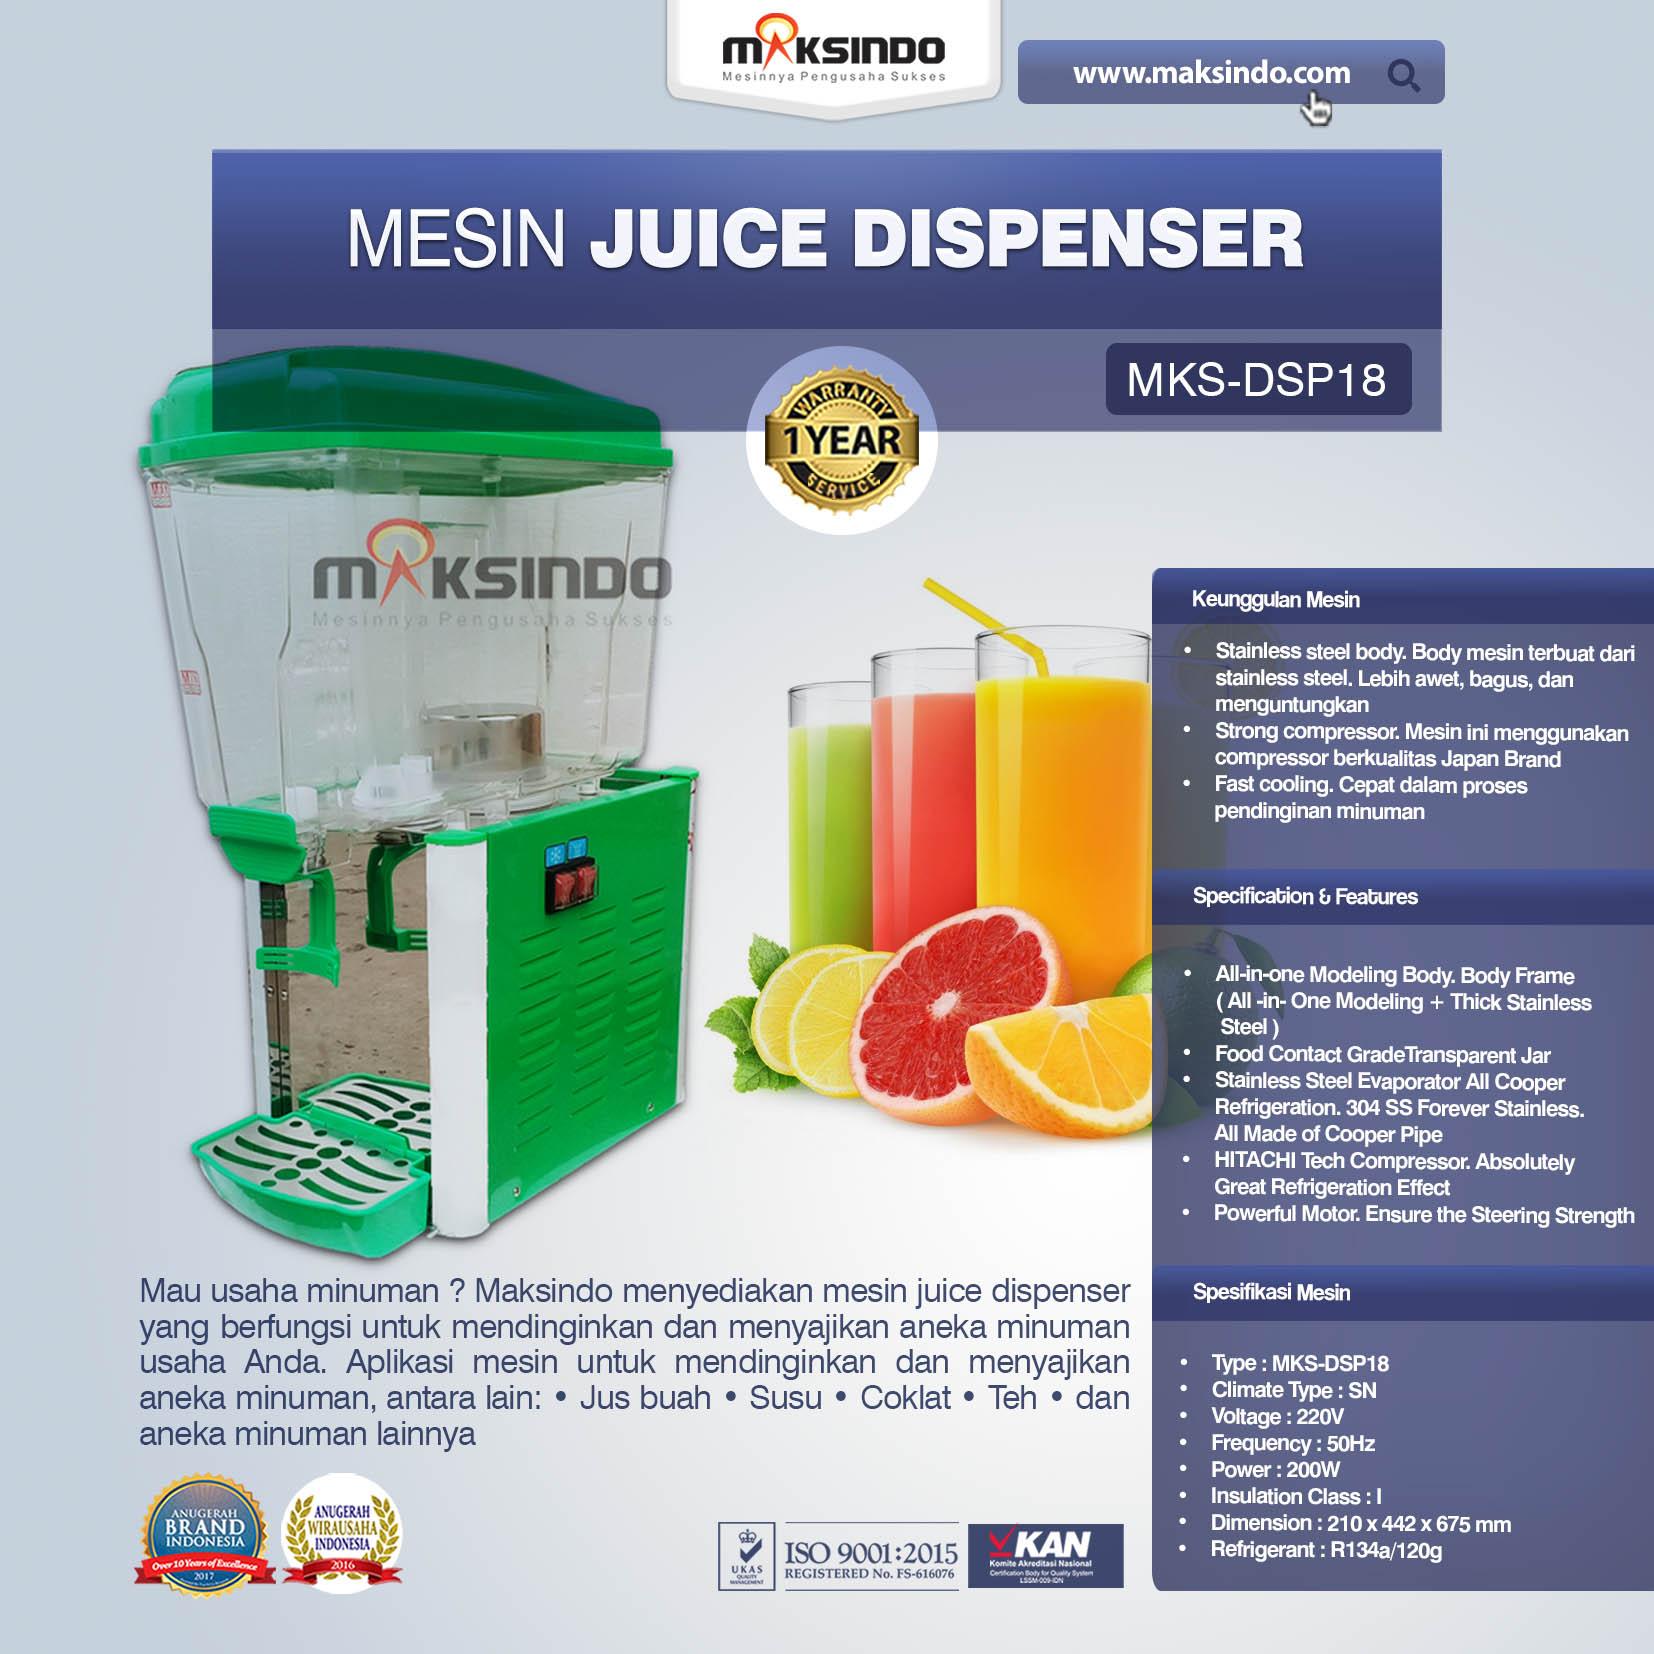 Jual Mesin Juice Dispenser MKS-DSP18 di Palembang